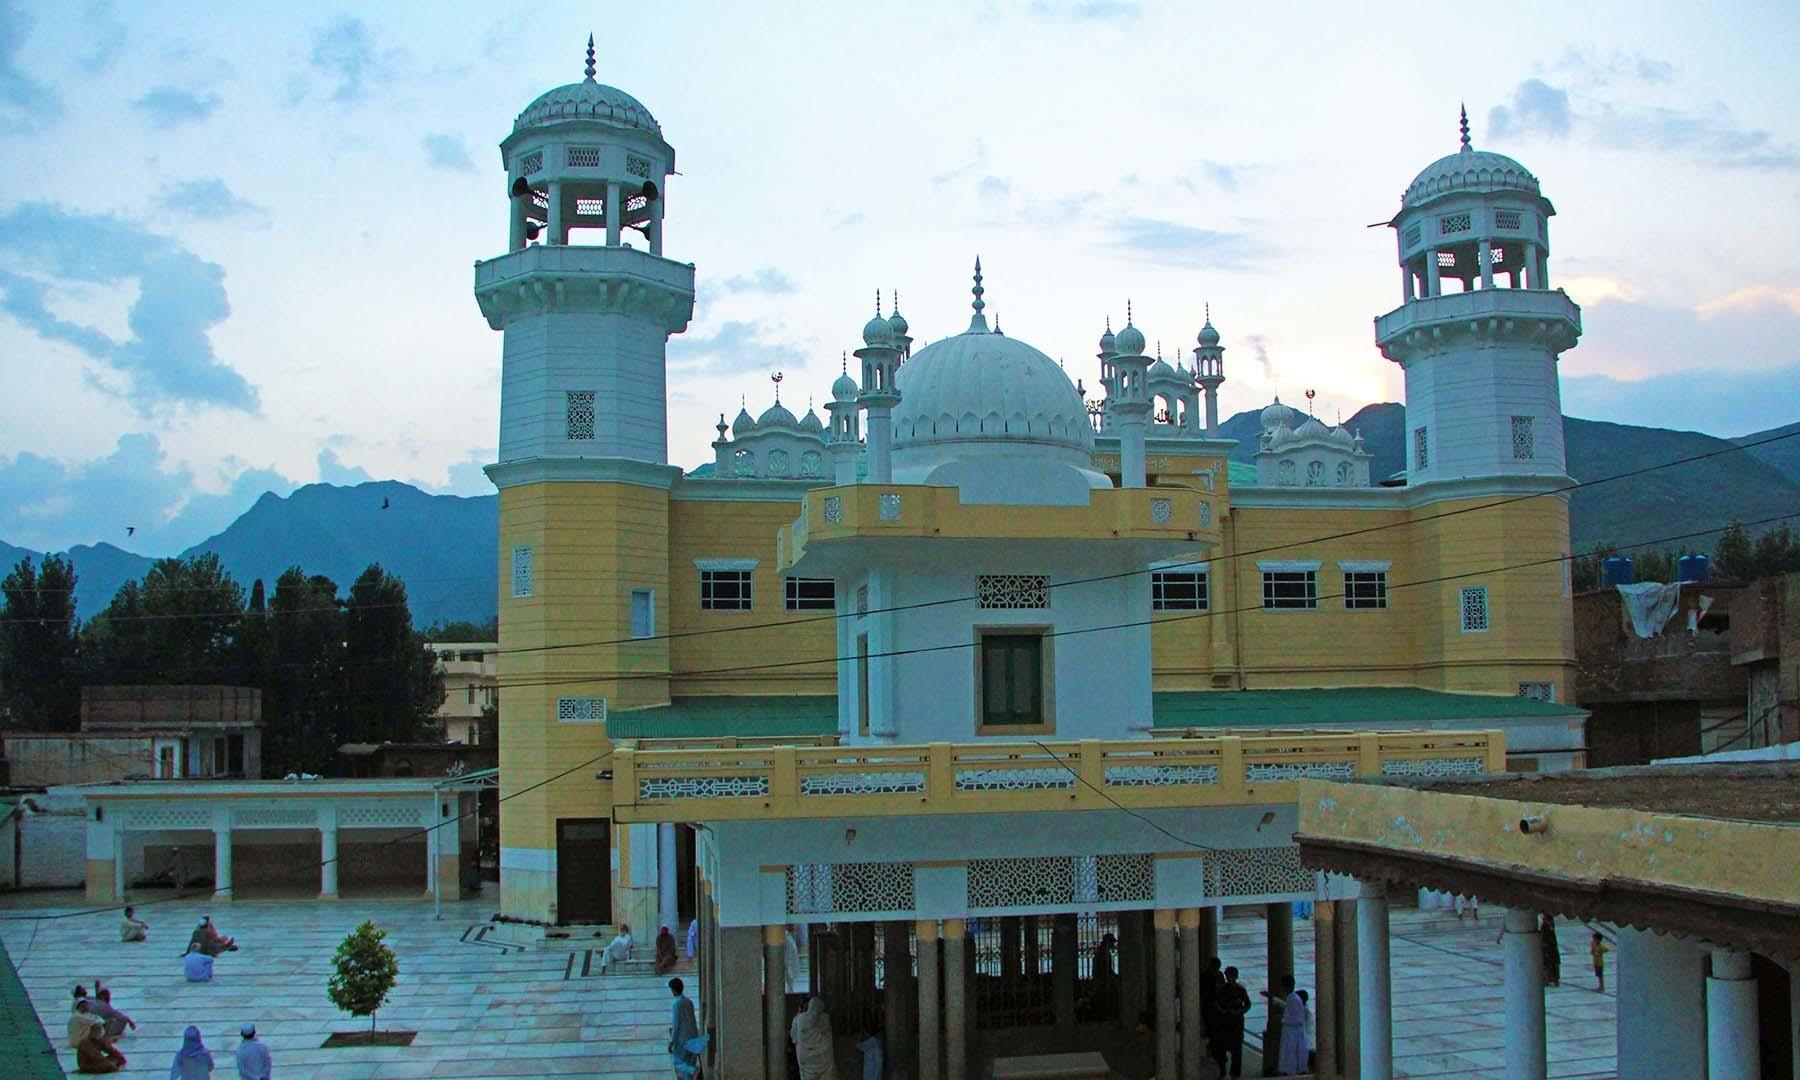 غروبِ آفتاب کے وقت سیدو بابا مزار اور مسجد کی لی جانے والی تصویر— فوٹو امجد علی سحاب